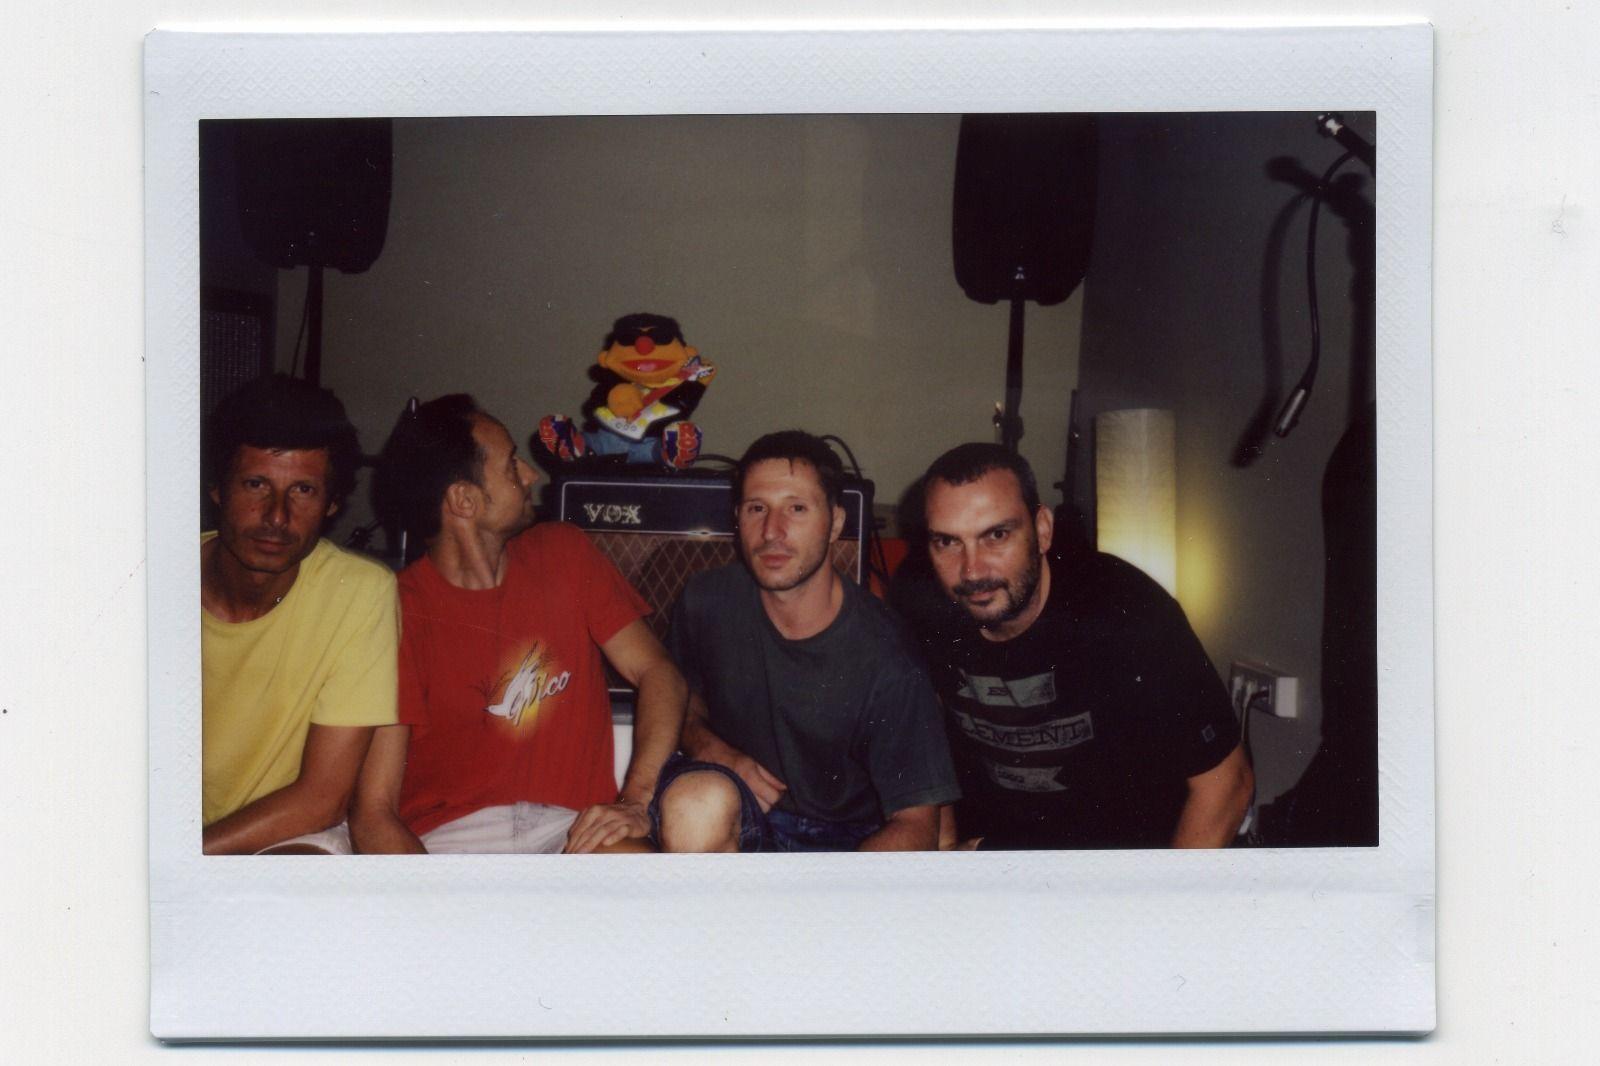 Estrenamos 'Avísame', el single adelanto del nuevo disco de Increíbles Ful